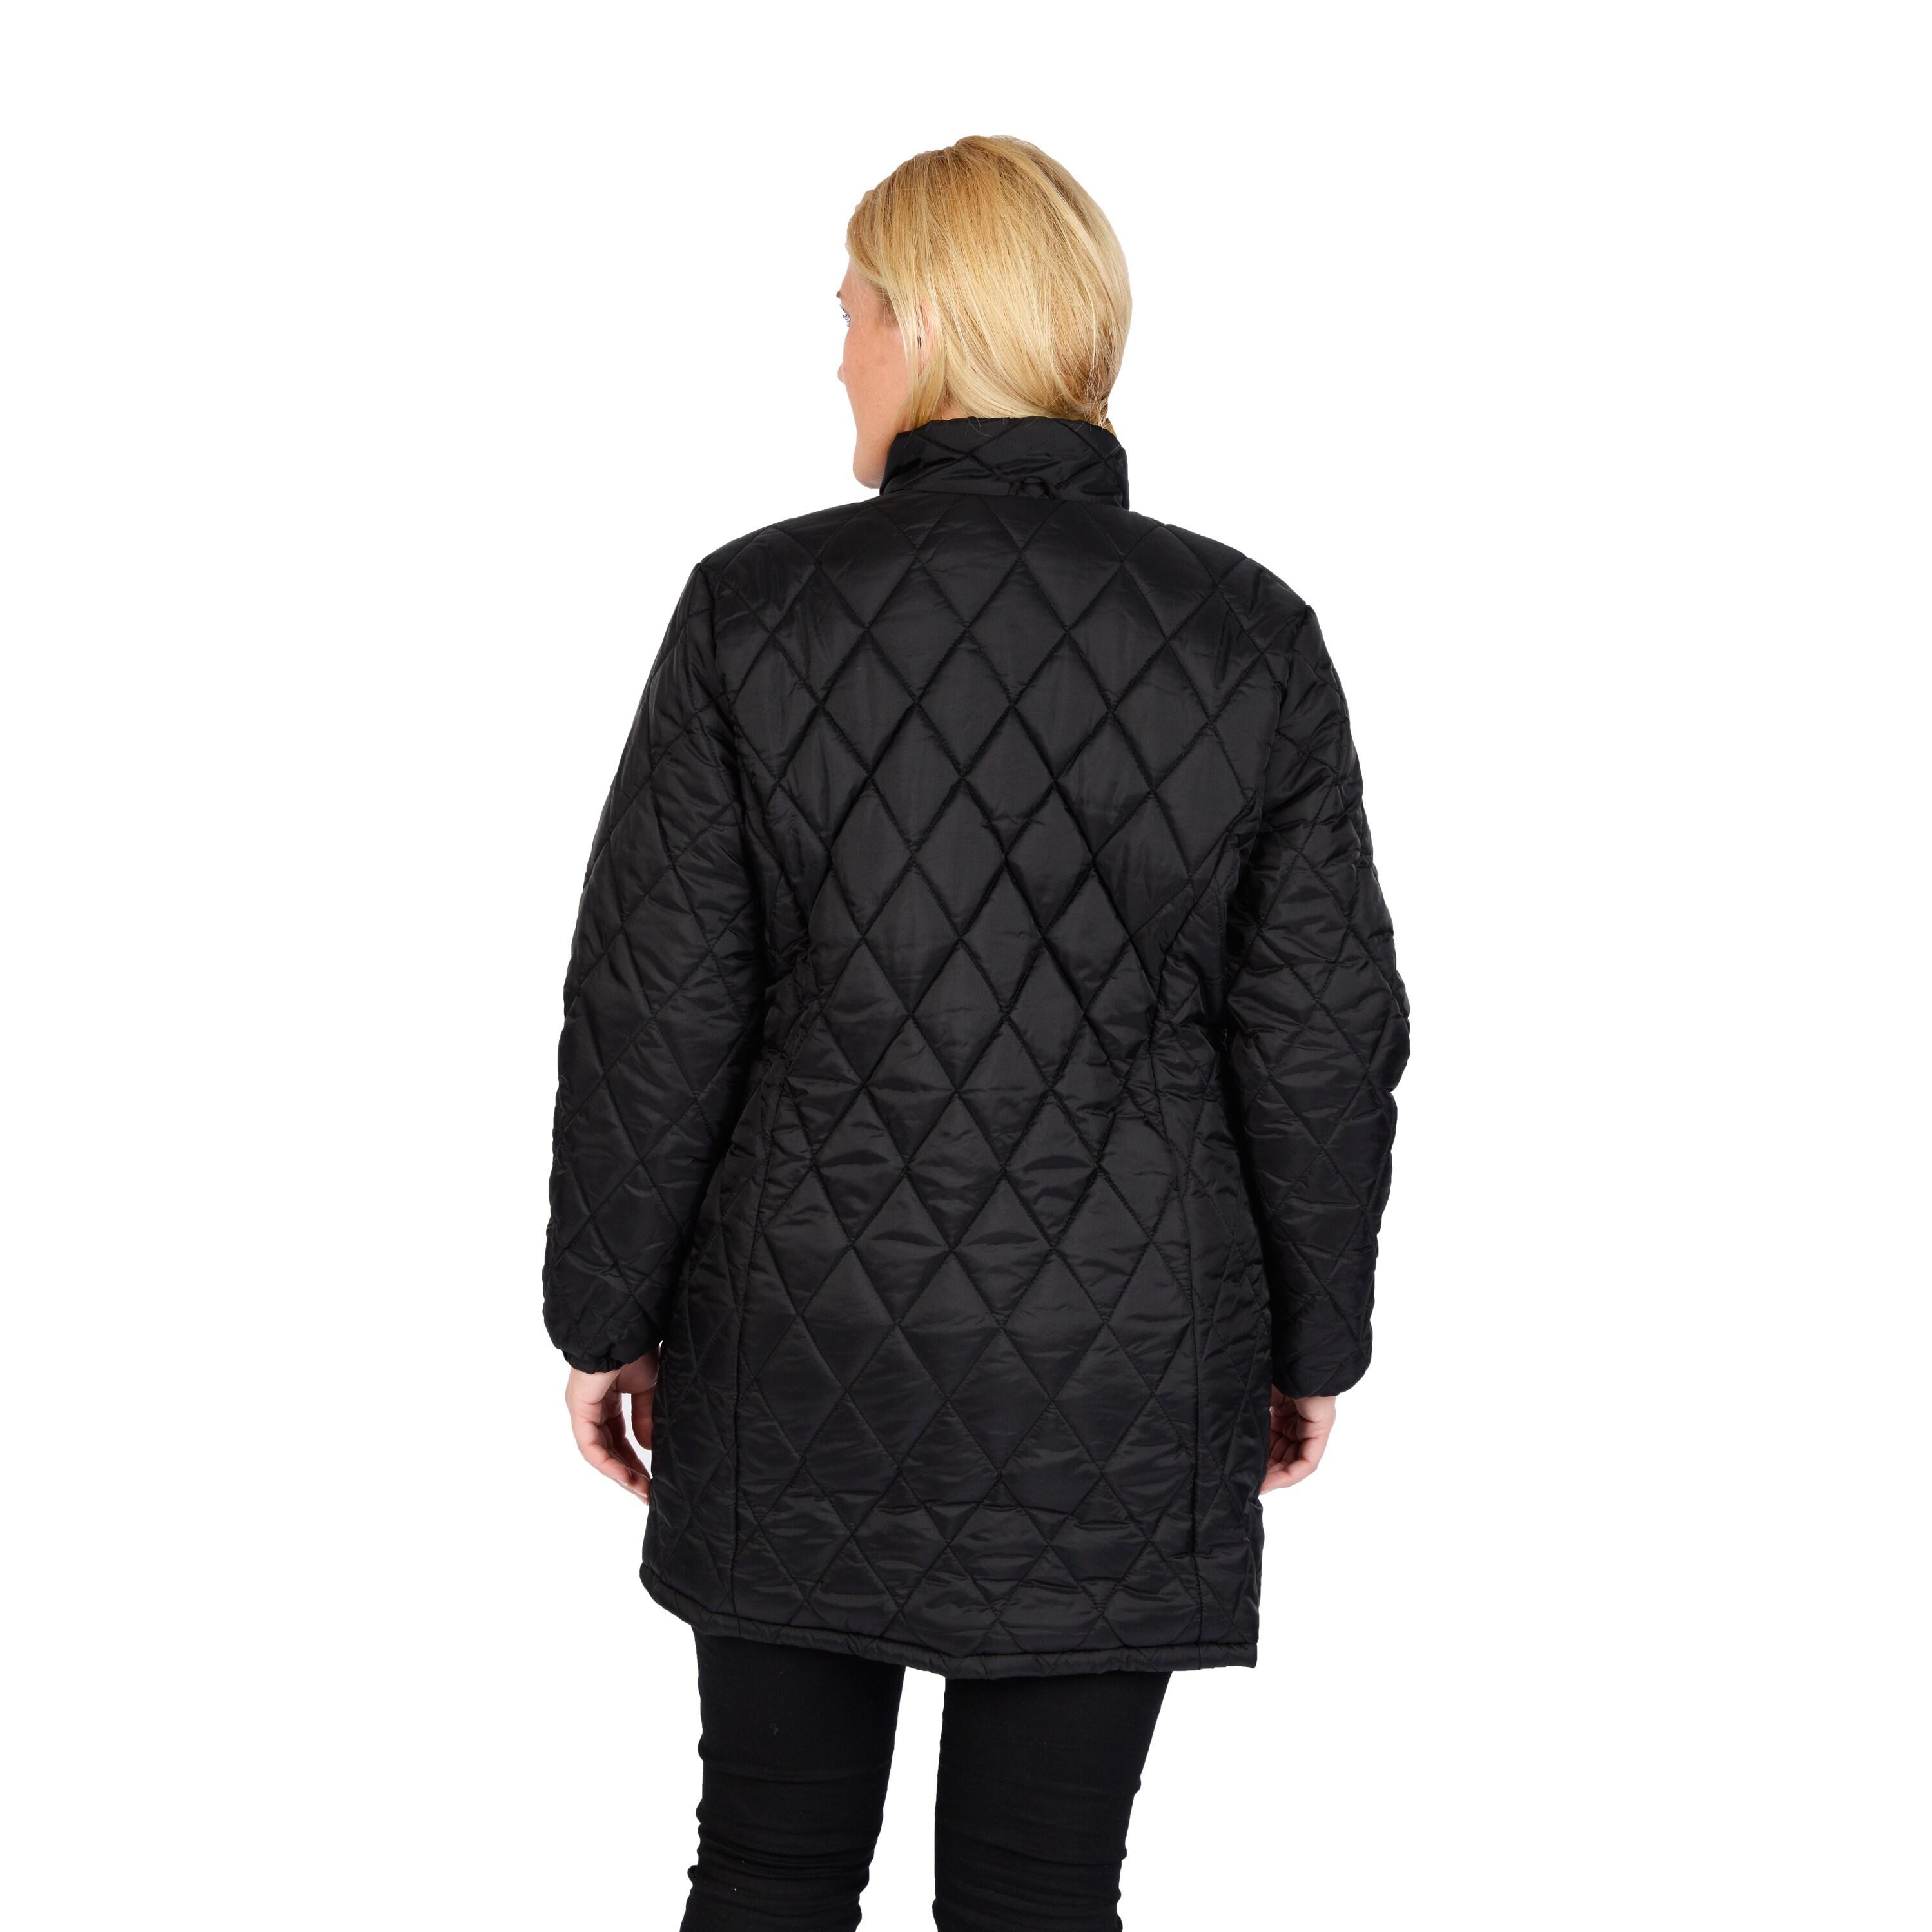 Women's plus size 3 in 1 jacket